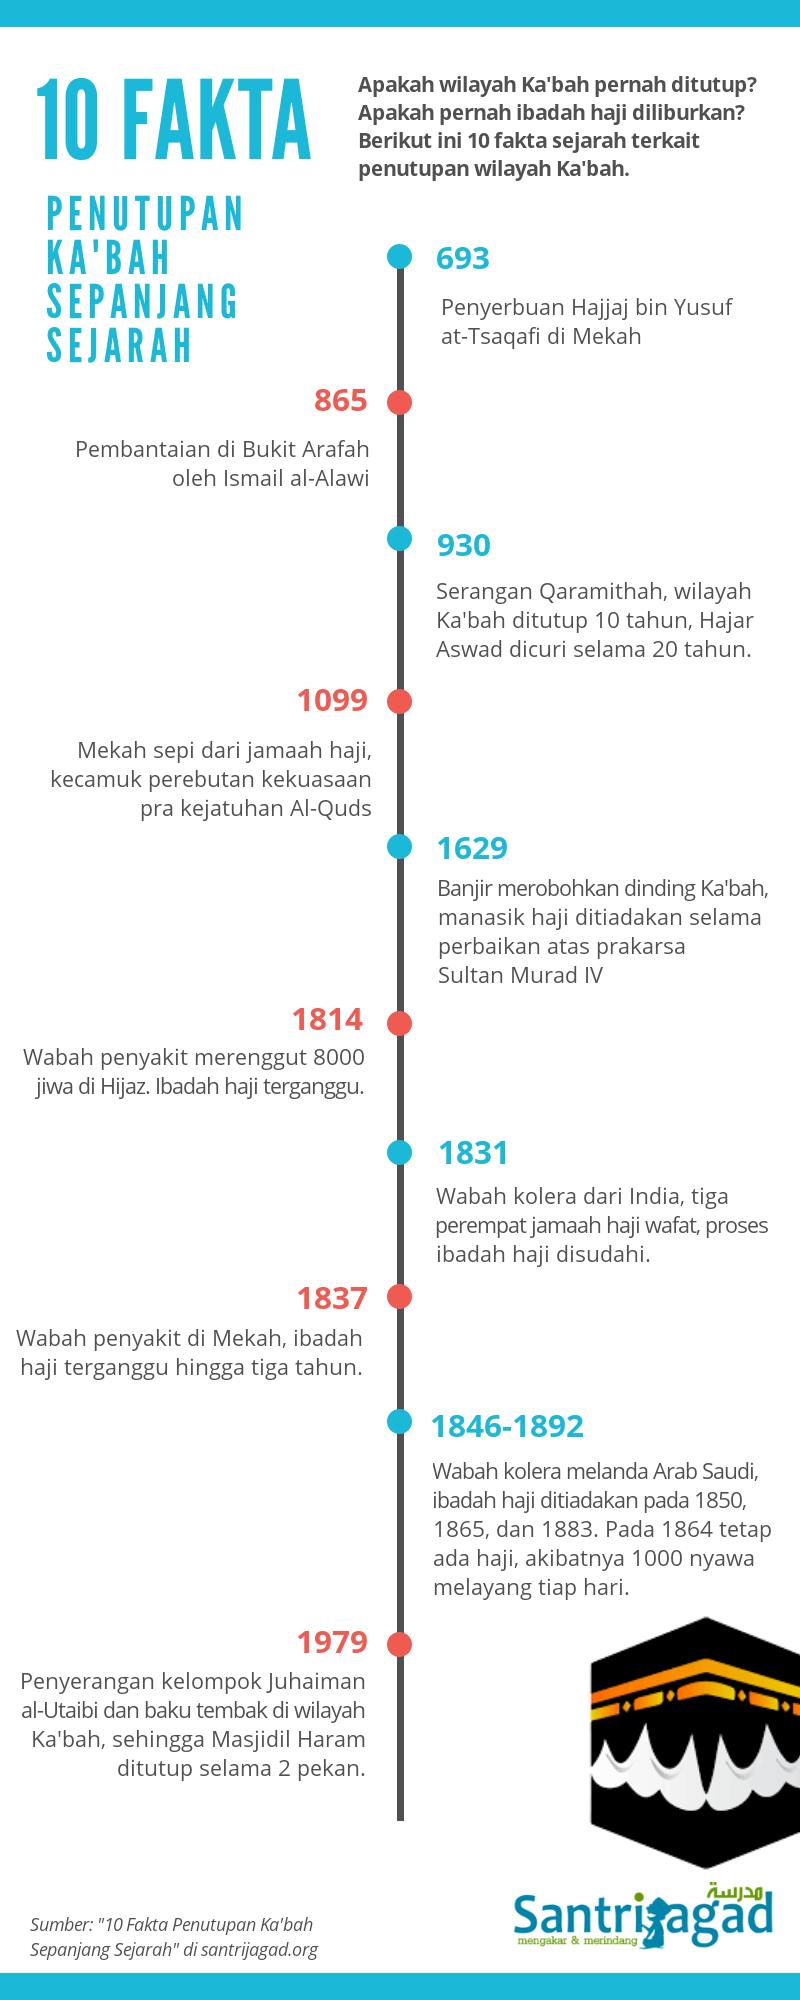 10 Kejadian Fakta Penutupan Ka'bah Sepanjang Sejarah